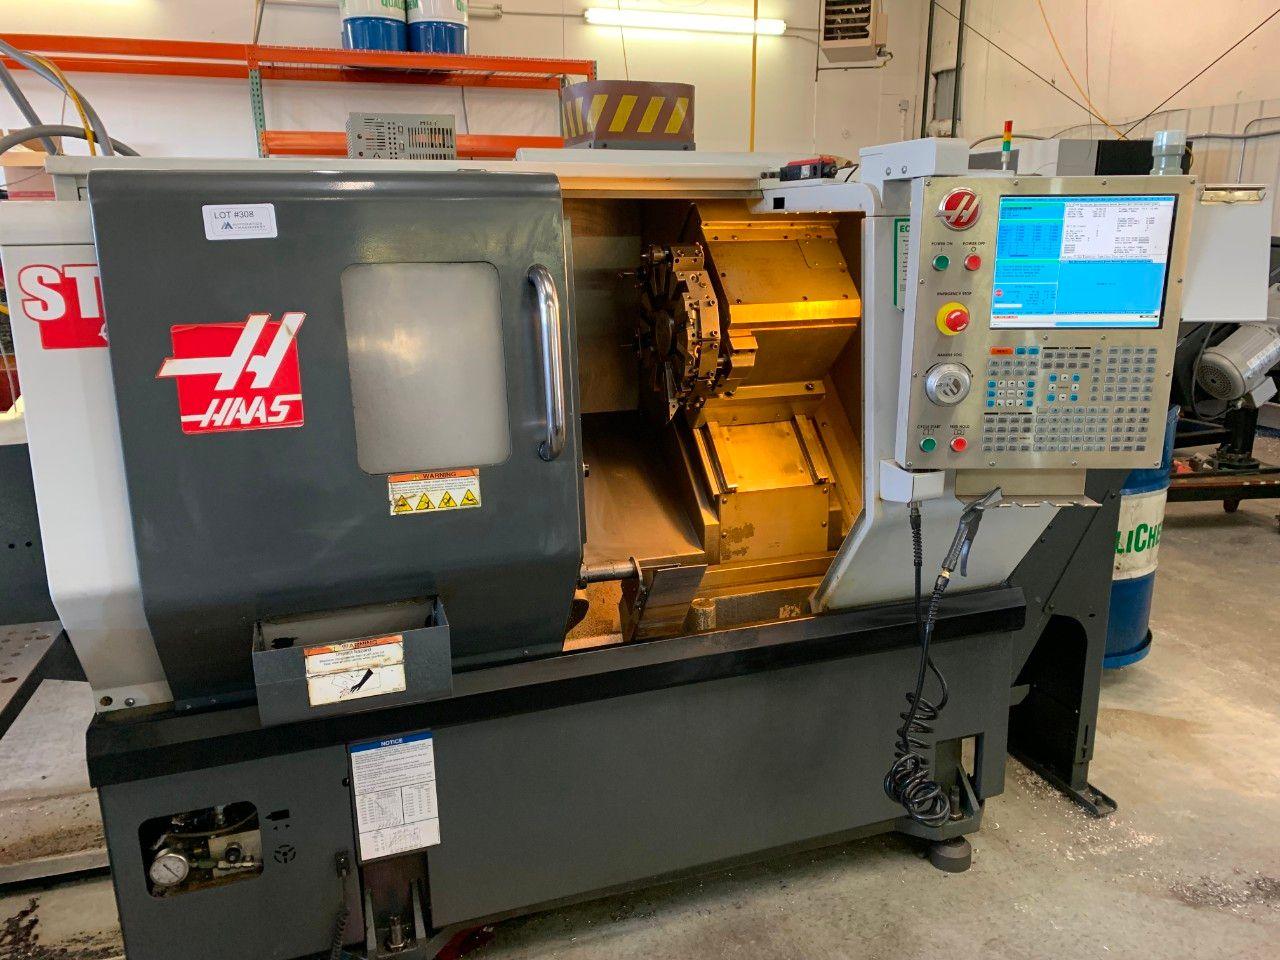 Haas ST-10 CNC-Drehzentrum